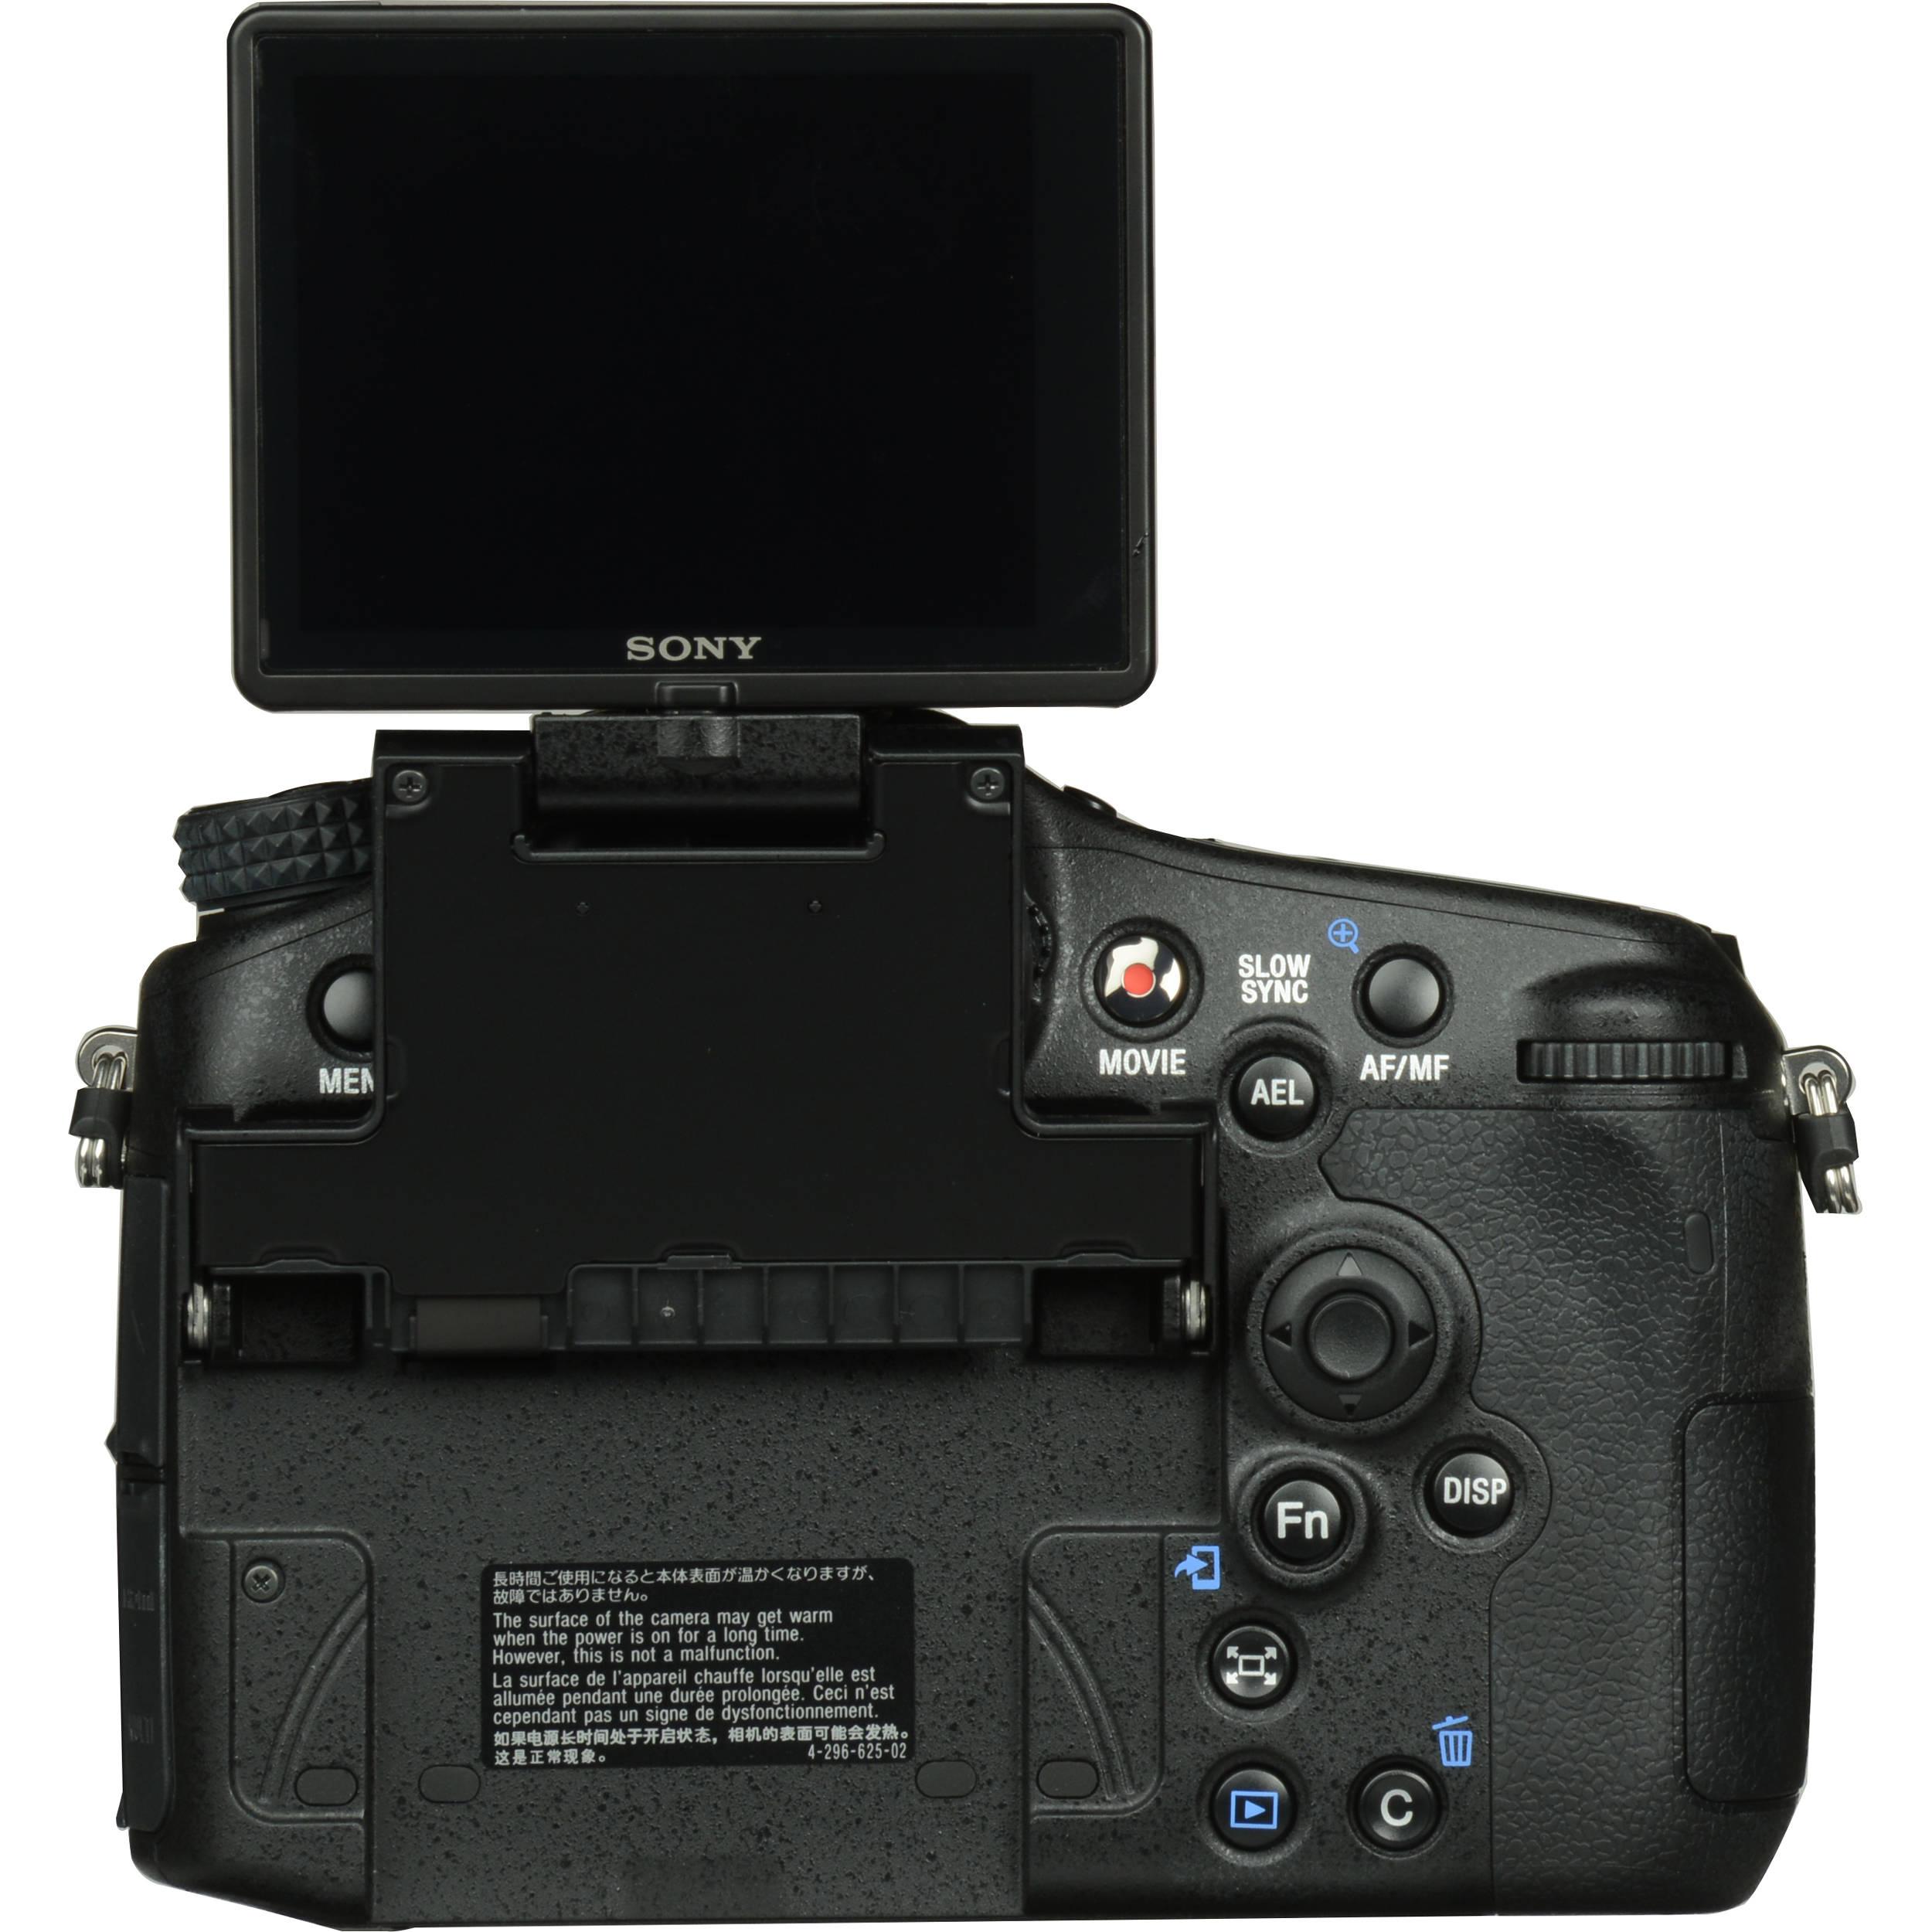 Sony Alpha a77 II DSLR Camera (Body Only)